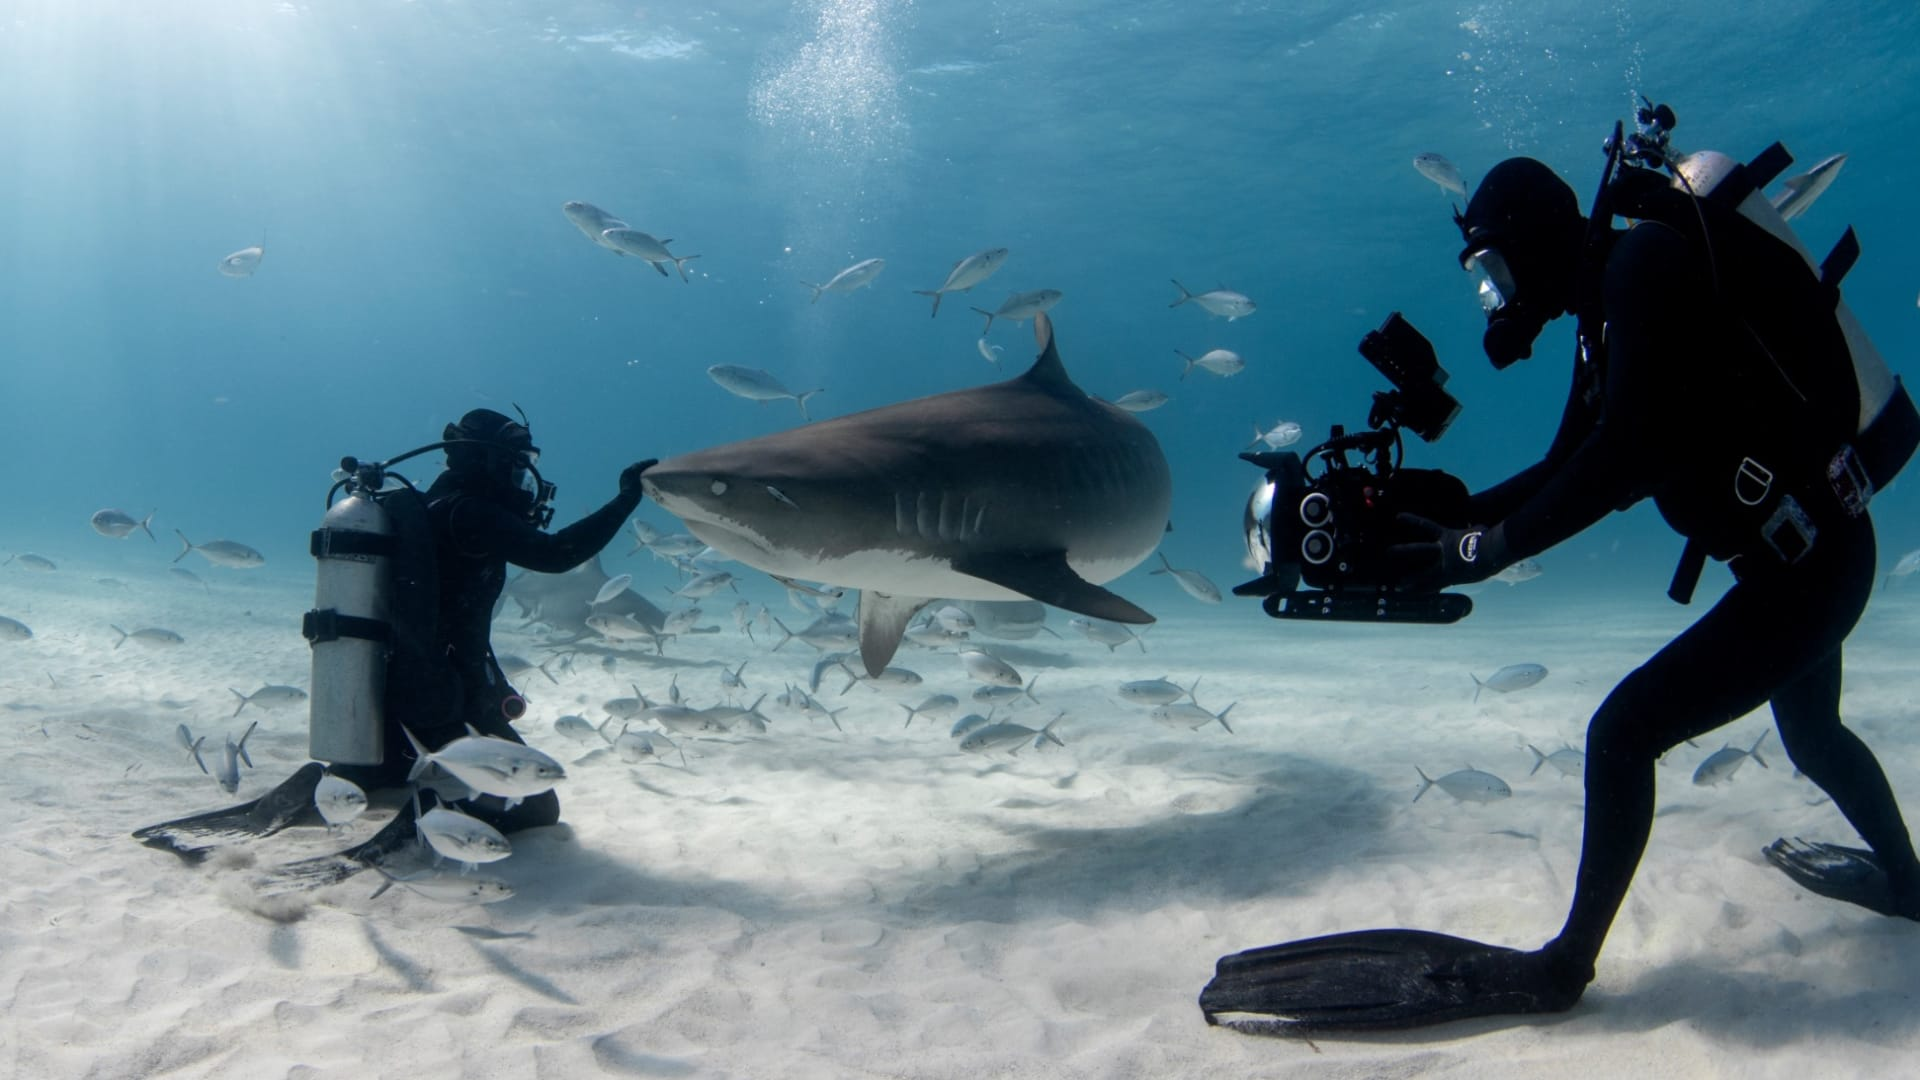 رجال لا يخشون التقاط الصور مع أسماك القرش تحت الماء.. هل تجرؤ؟